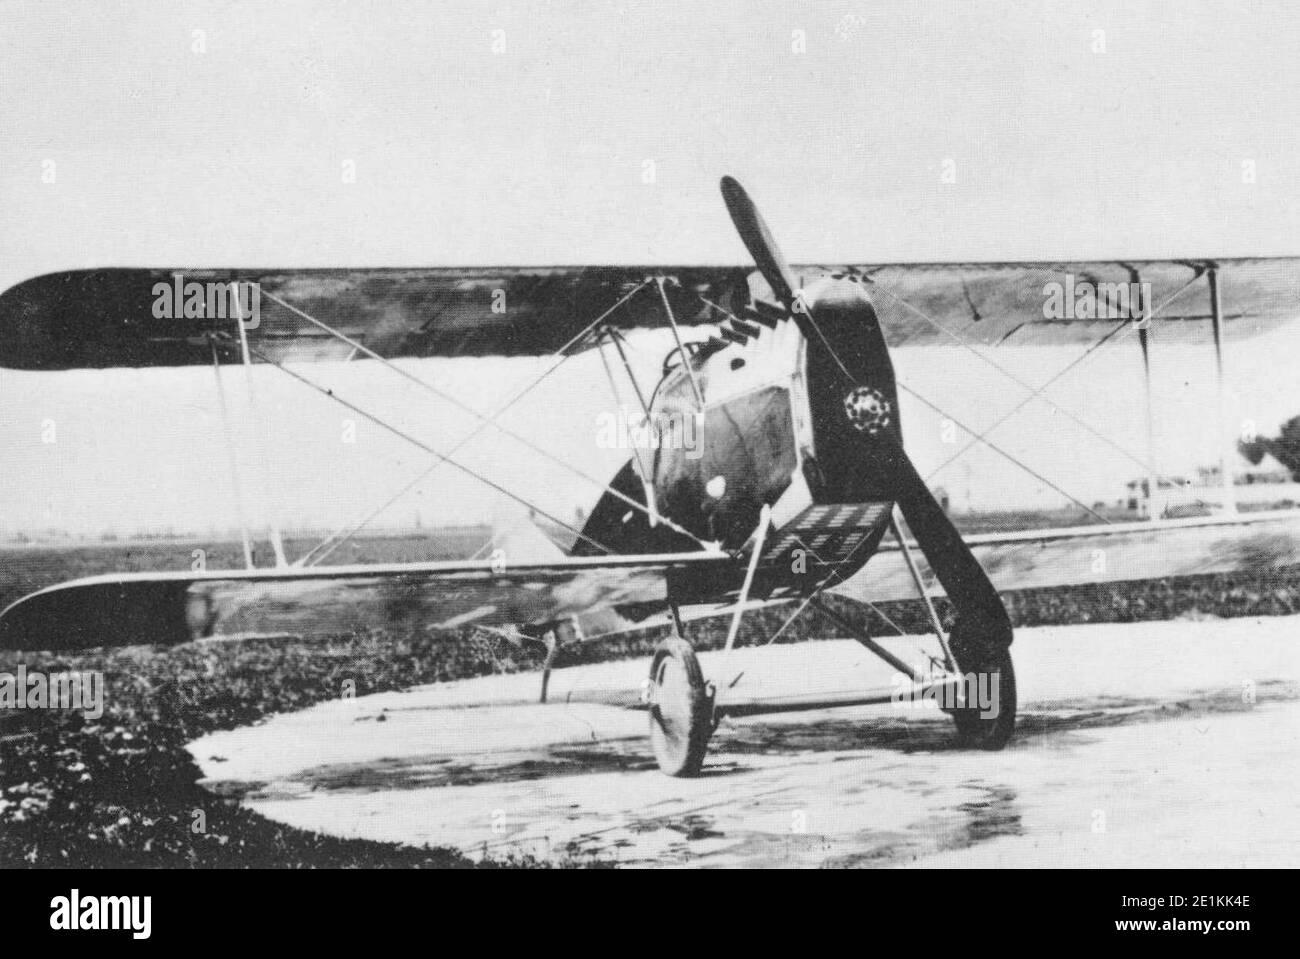 Ansaldo A.1 Balilla, caccia biplano en livrea italiana, data e luogo della scatto imprecisati. Foto de stock